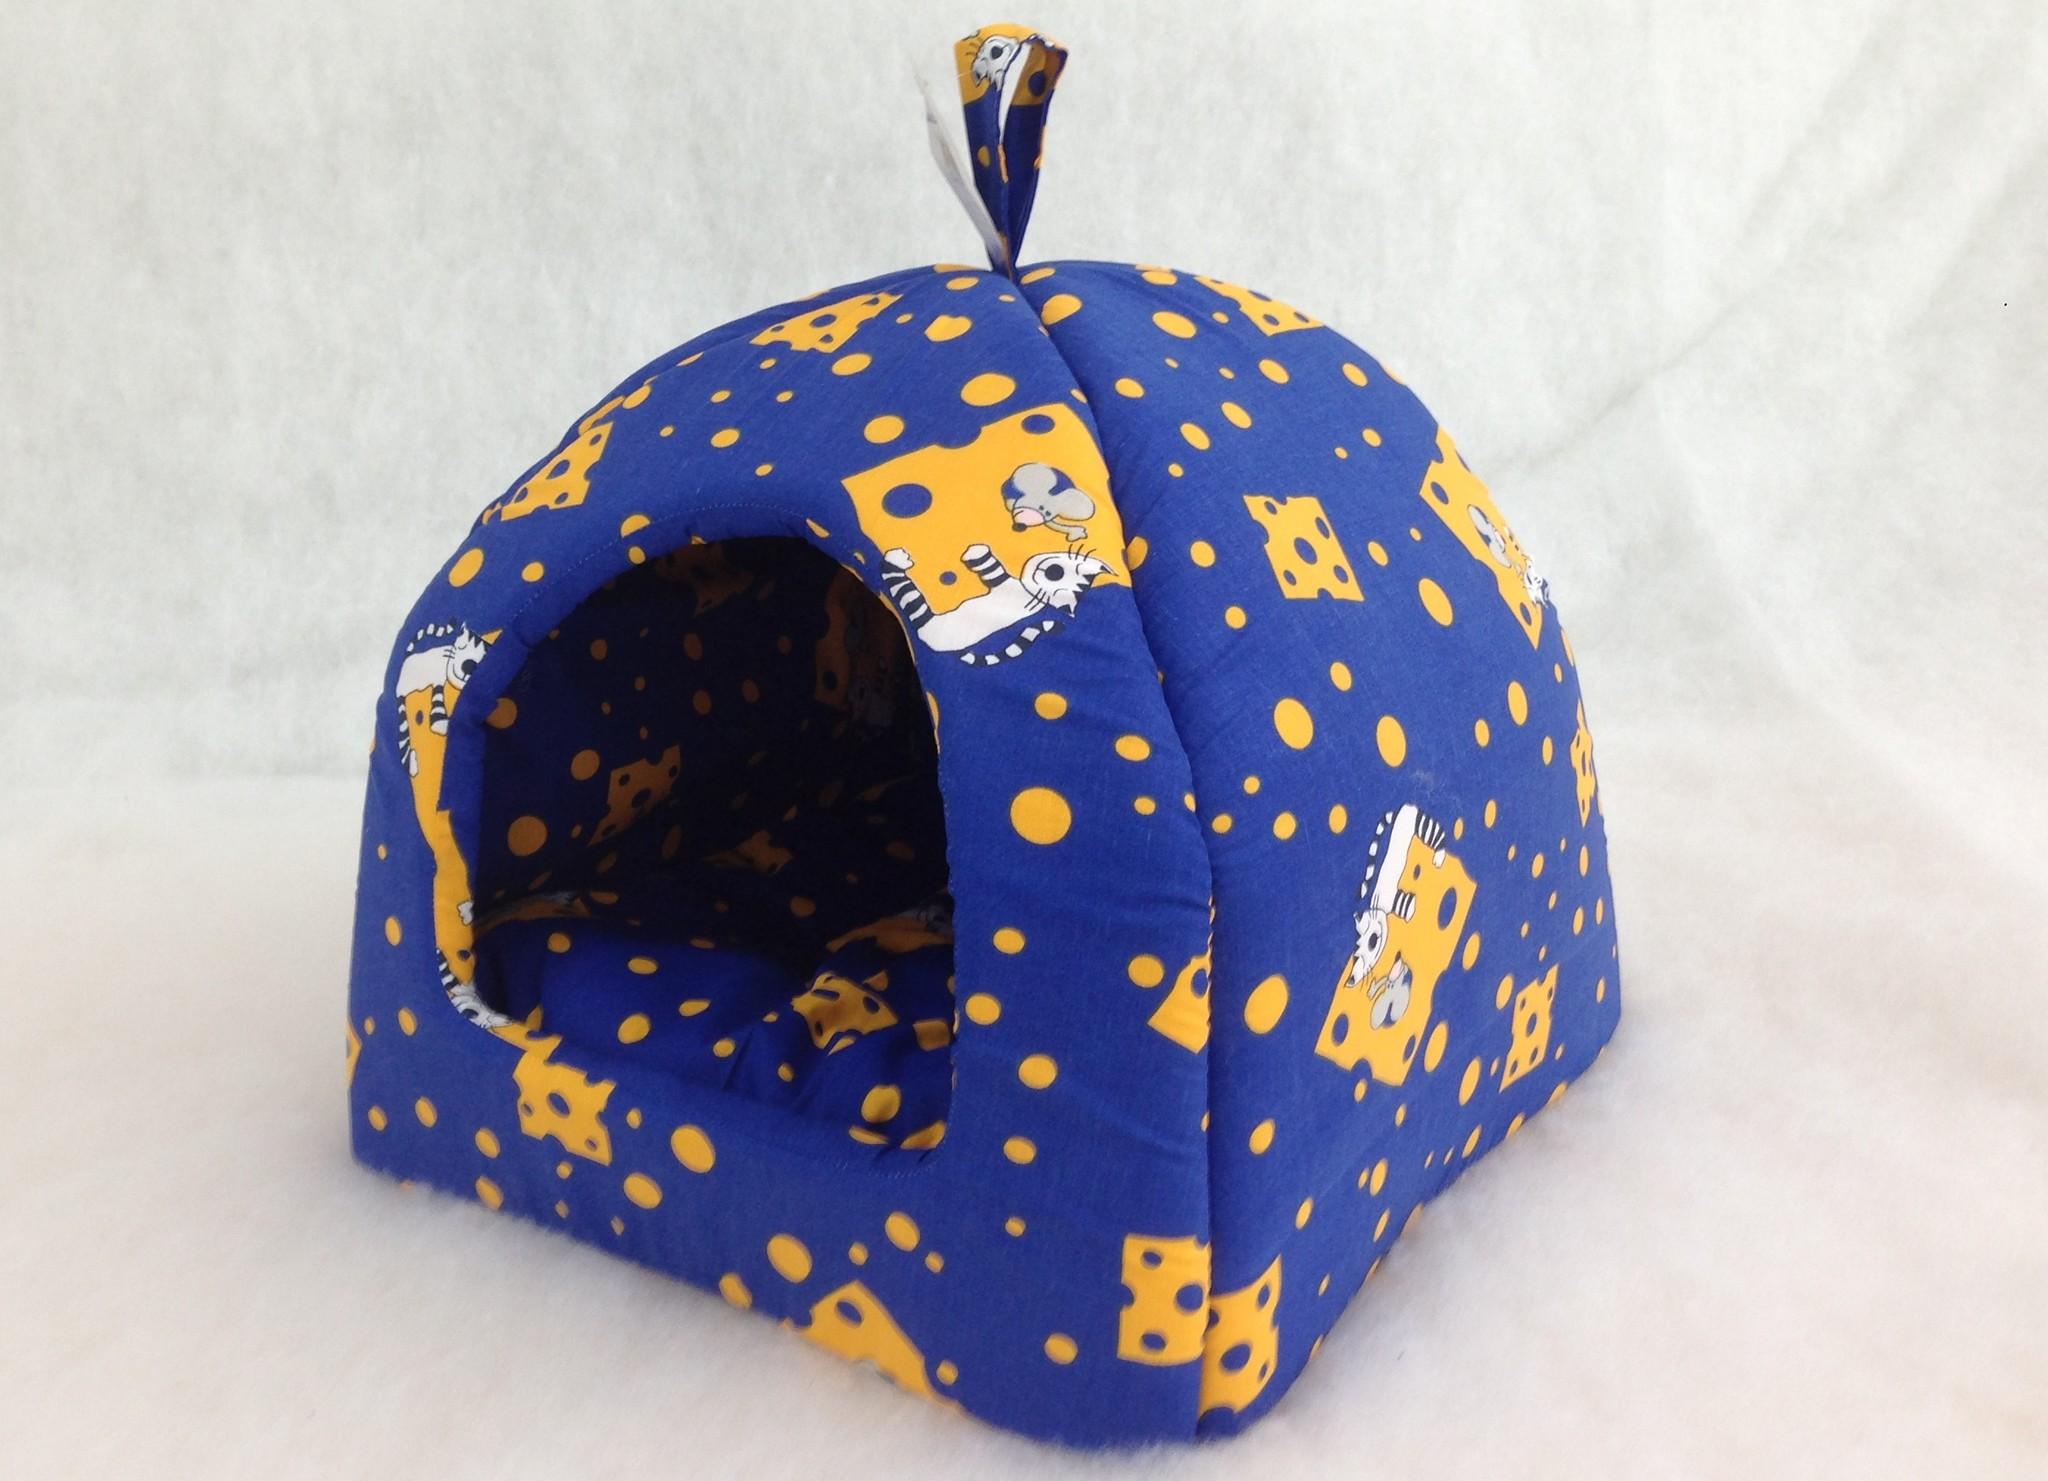 Домик для кошек и собак Бобровый Дворик Кошки №1, синий, 39x35x39см